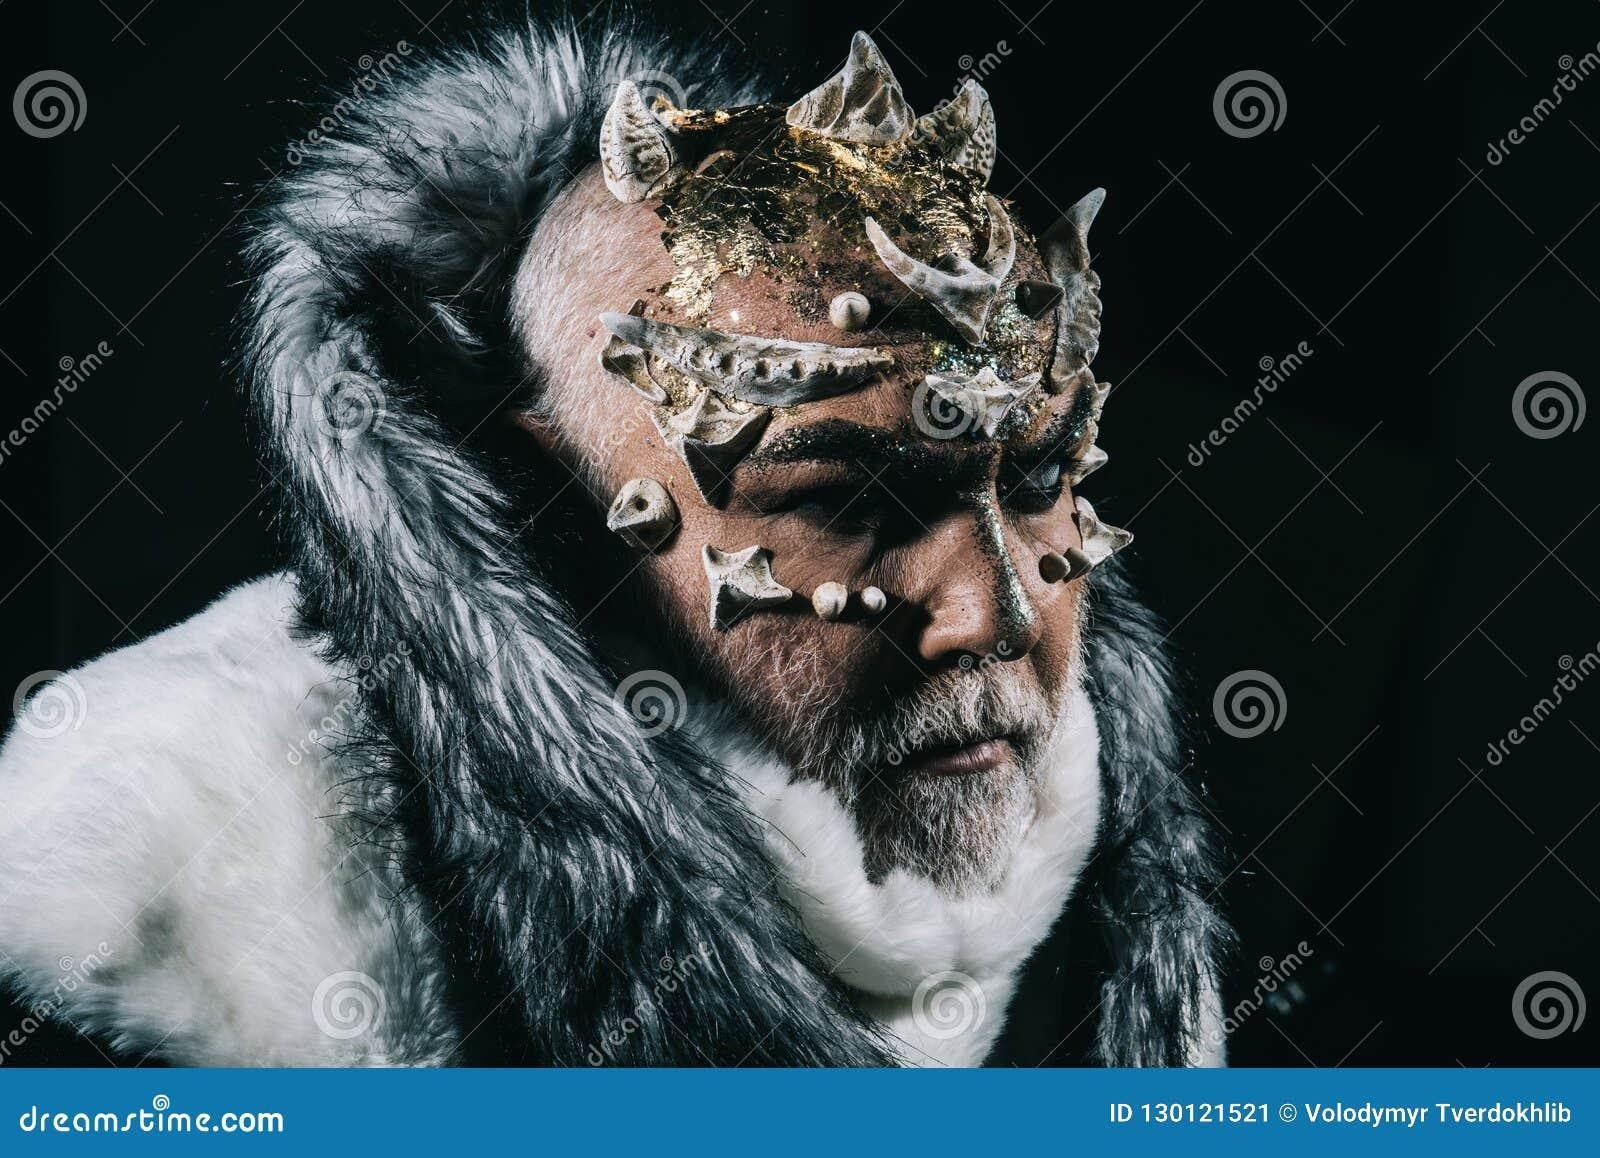 Το τέρας με τα αγκάθια και το δέρμα ερπετοειδών που φορά την άσπρη γούνα ντύνει στο μαύρο υπόβαθρο Φύλακας δαιμόνων από τη σφαίρα